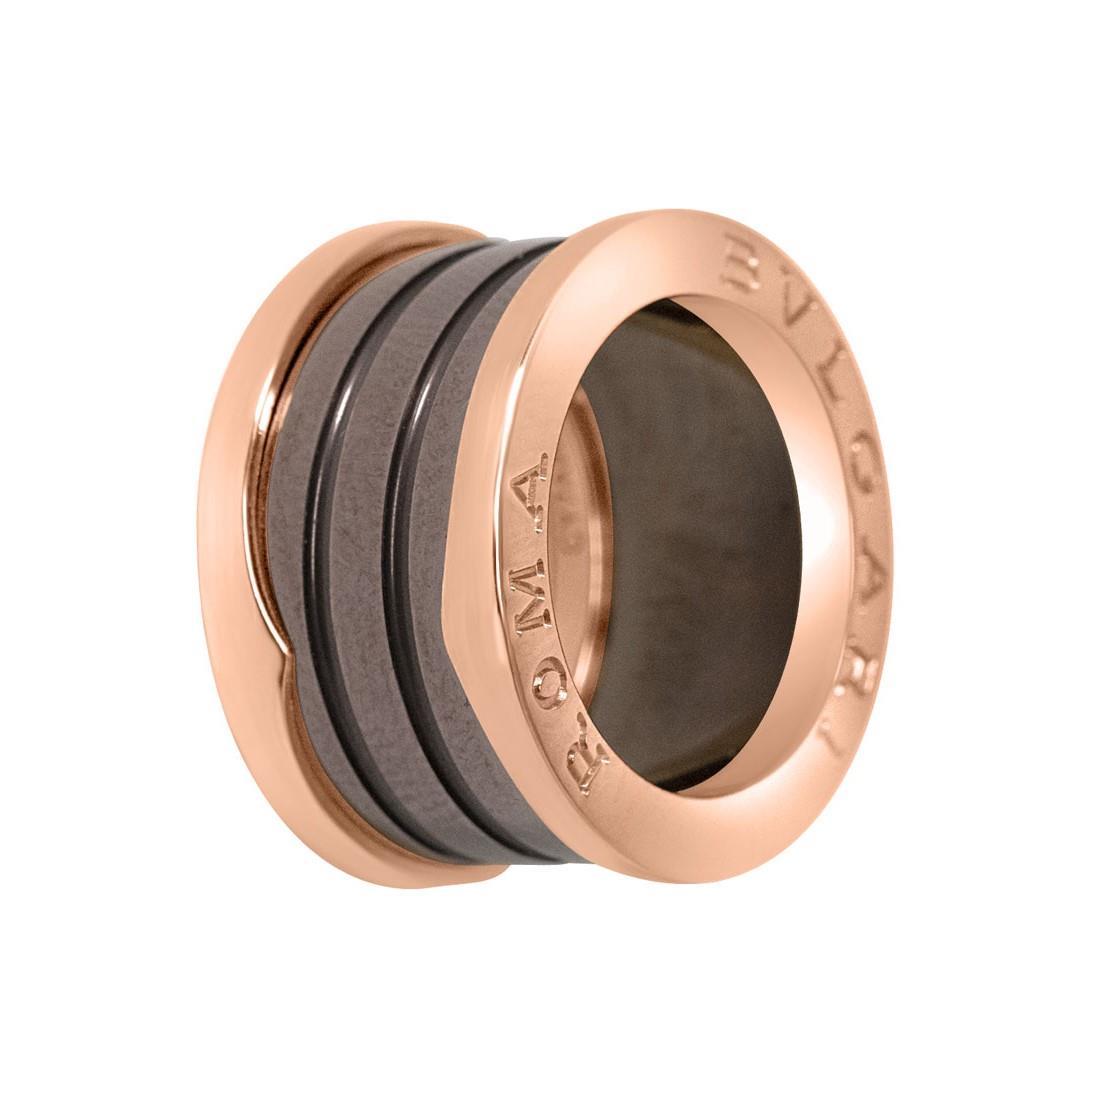 Anello in oro rosa a 4 fasce con ceramica di bronzo, misura 49 corr 8/9 - BULGARI